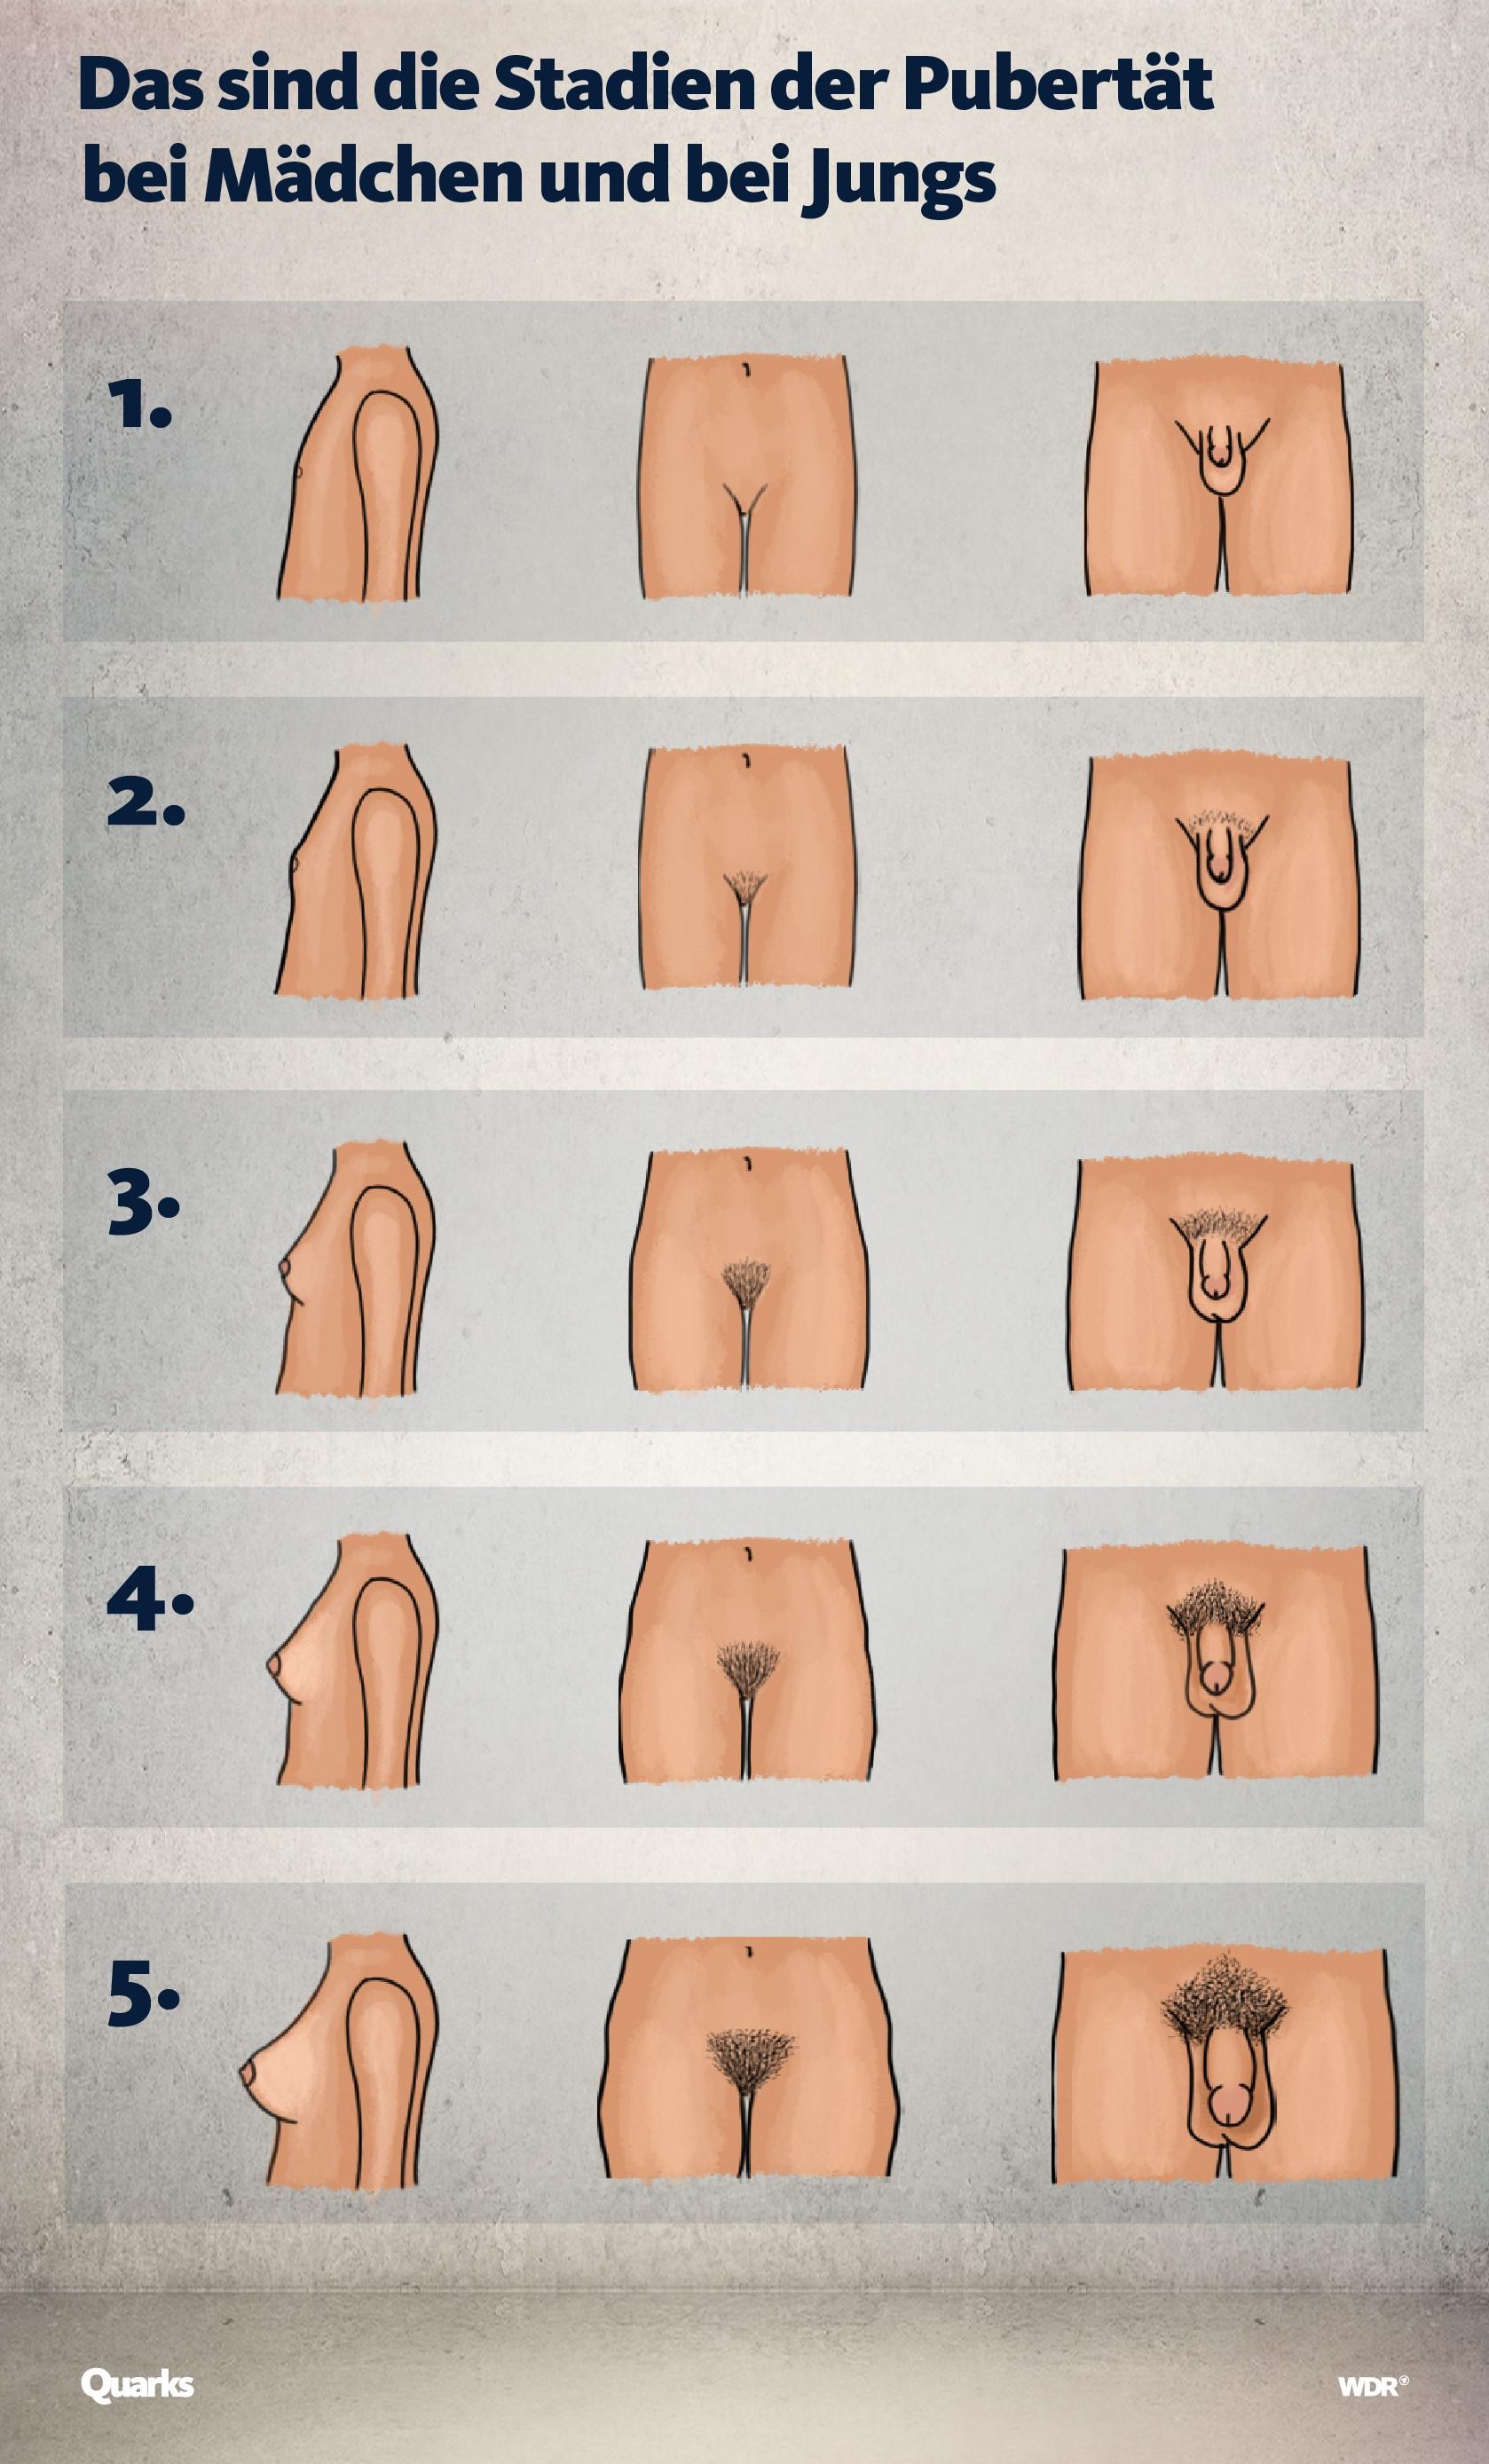 Grafik mit den fünf Stadien der Pubertät